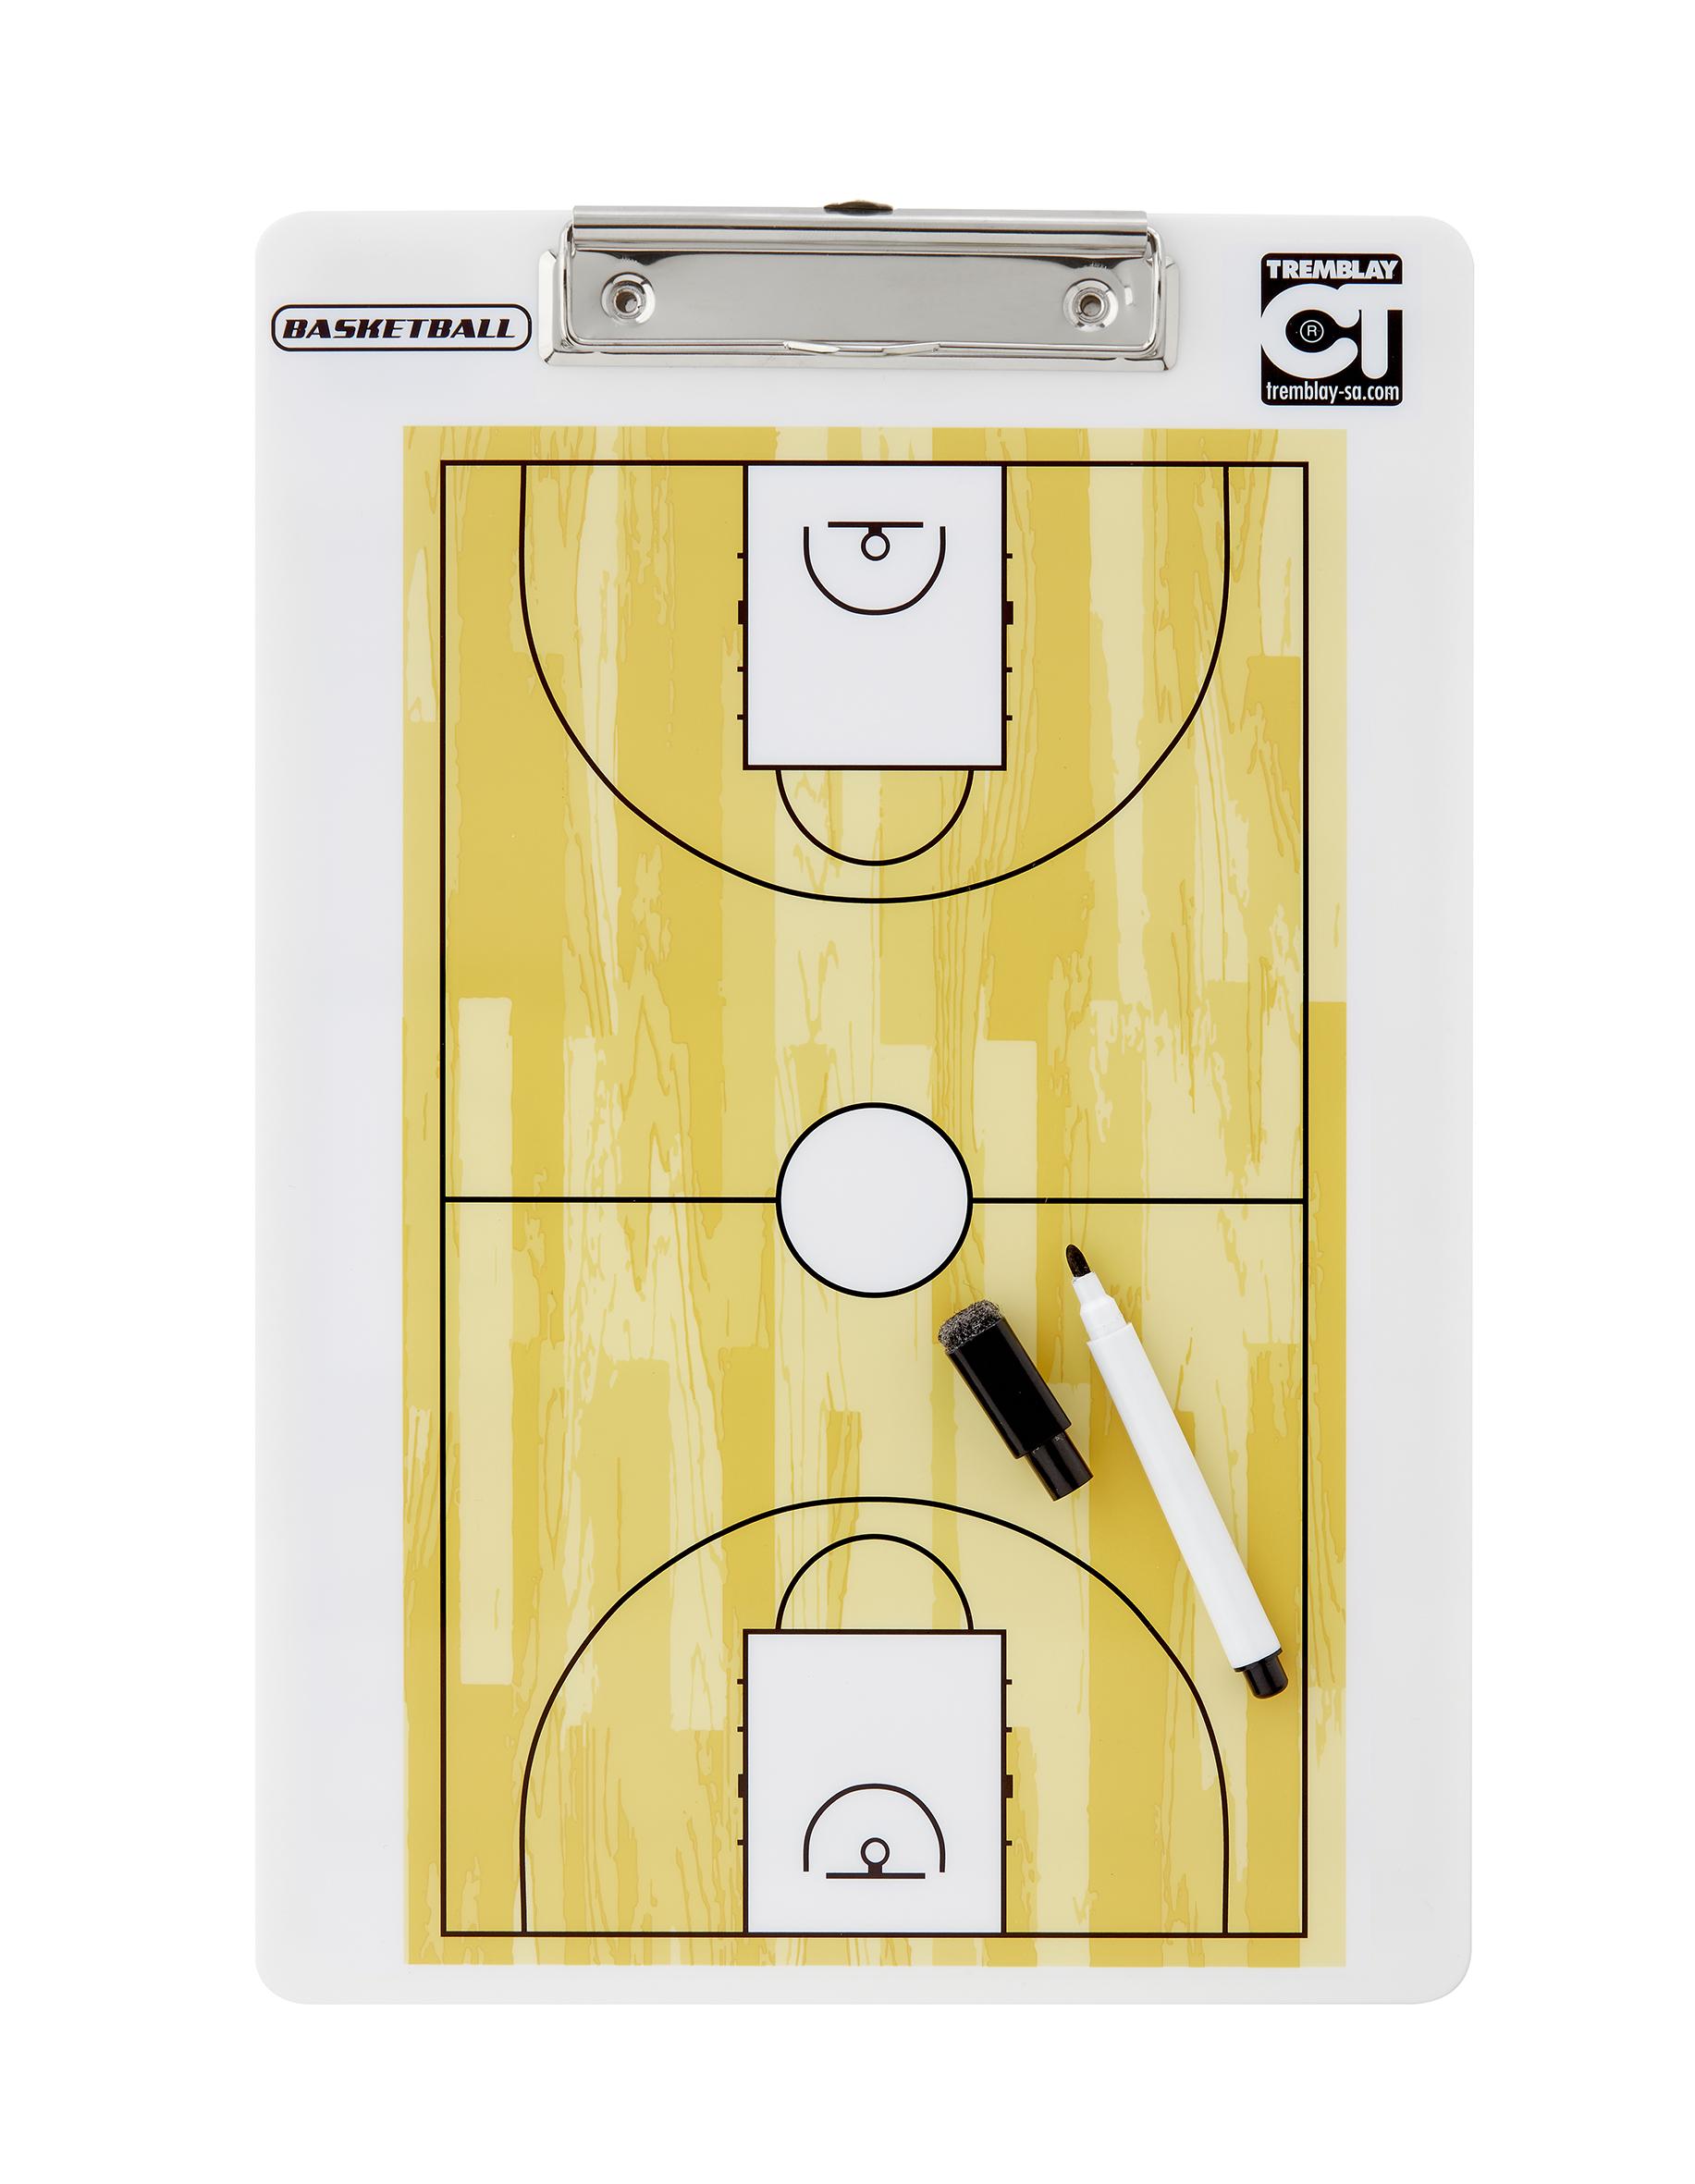 TREMBLAY PLAQUETTE COACH EFFACABLE RECTO-VERSO - BASKETBALL